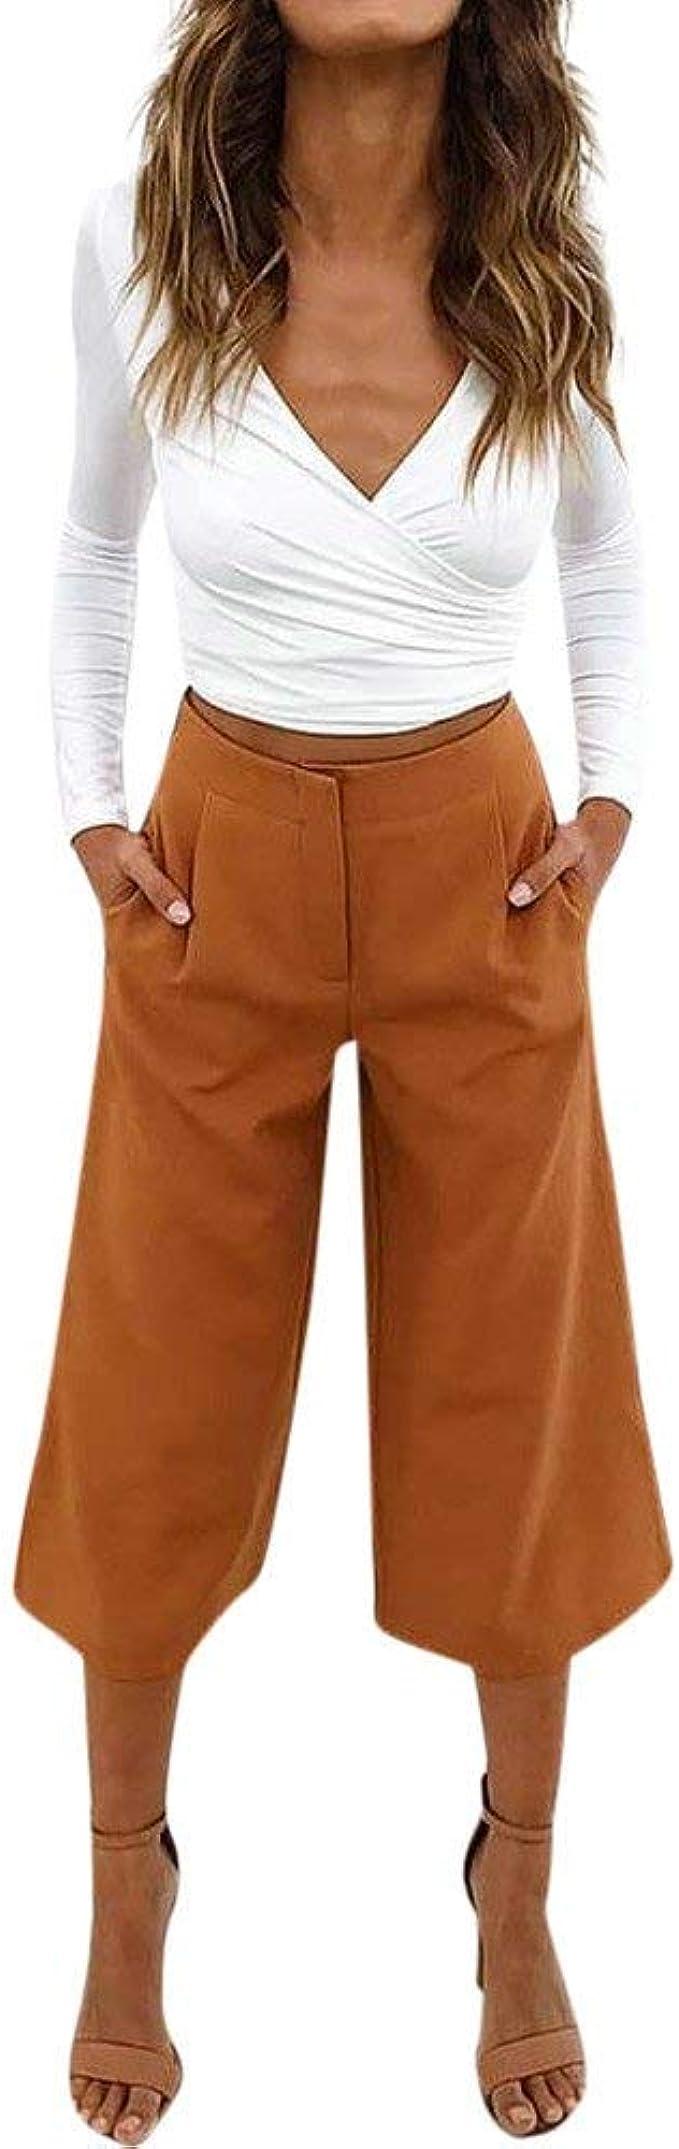 7 8 Pantalones Para Mujeres Facil Barato Pantalones Mujeres De Cintura Moda Completi Alta De Verano Elegantes Pantalones Elegantes Chinos Casual Falda Pantalon Fino Airy Pantalones Comodos Culottes Amazon Es Ropa Y Accesorios